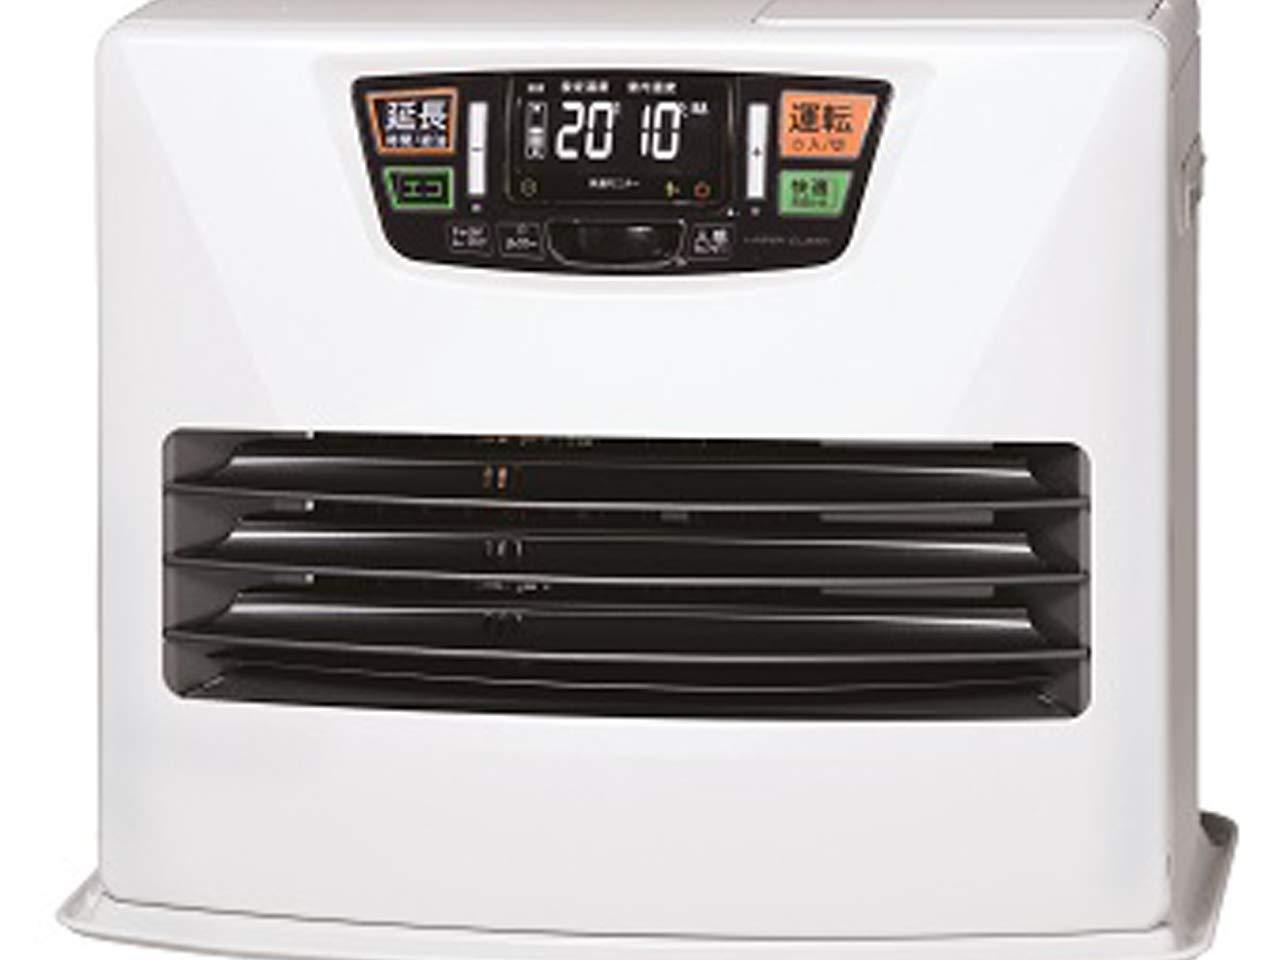 トヨトミ 石油ファンヒーター (木造14畳まで/コンクリート19畳まで) 日本製 シルキーホワイト LC-SL53H(W) B0756YNDHG  最大19畳